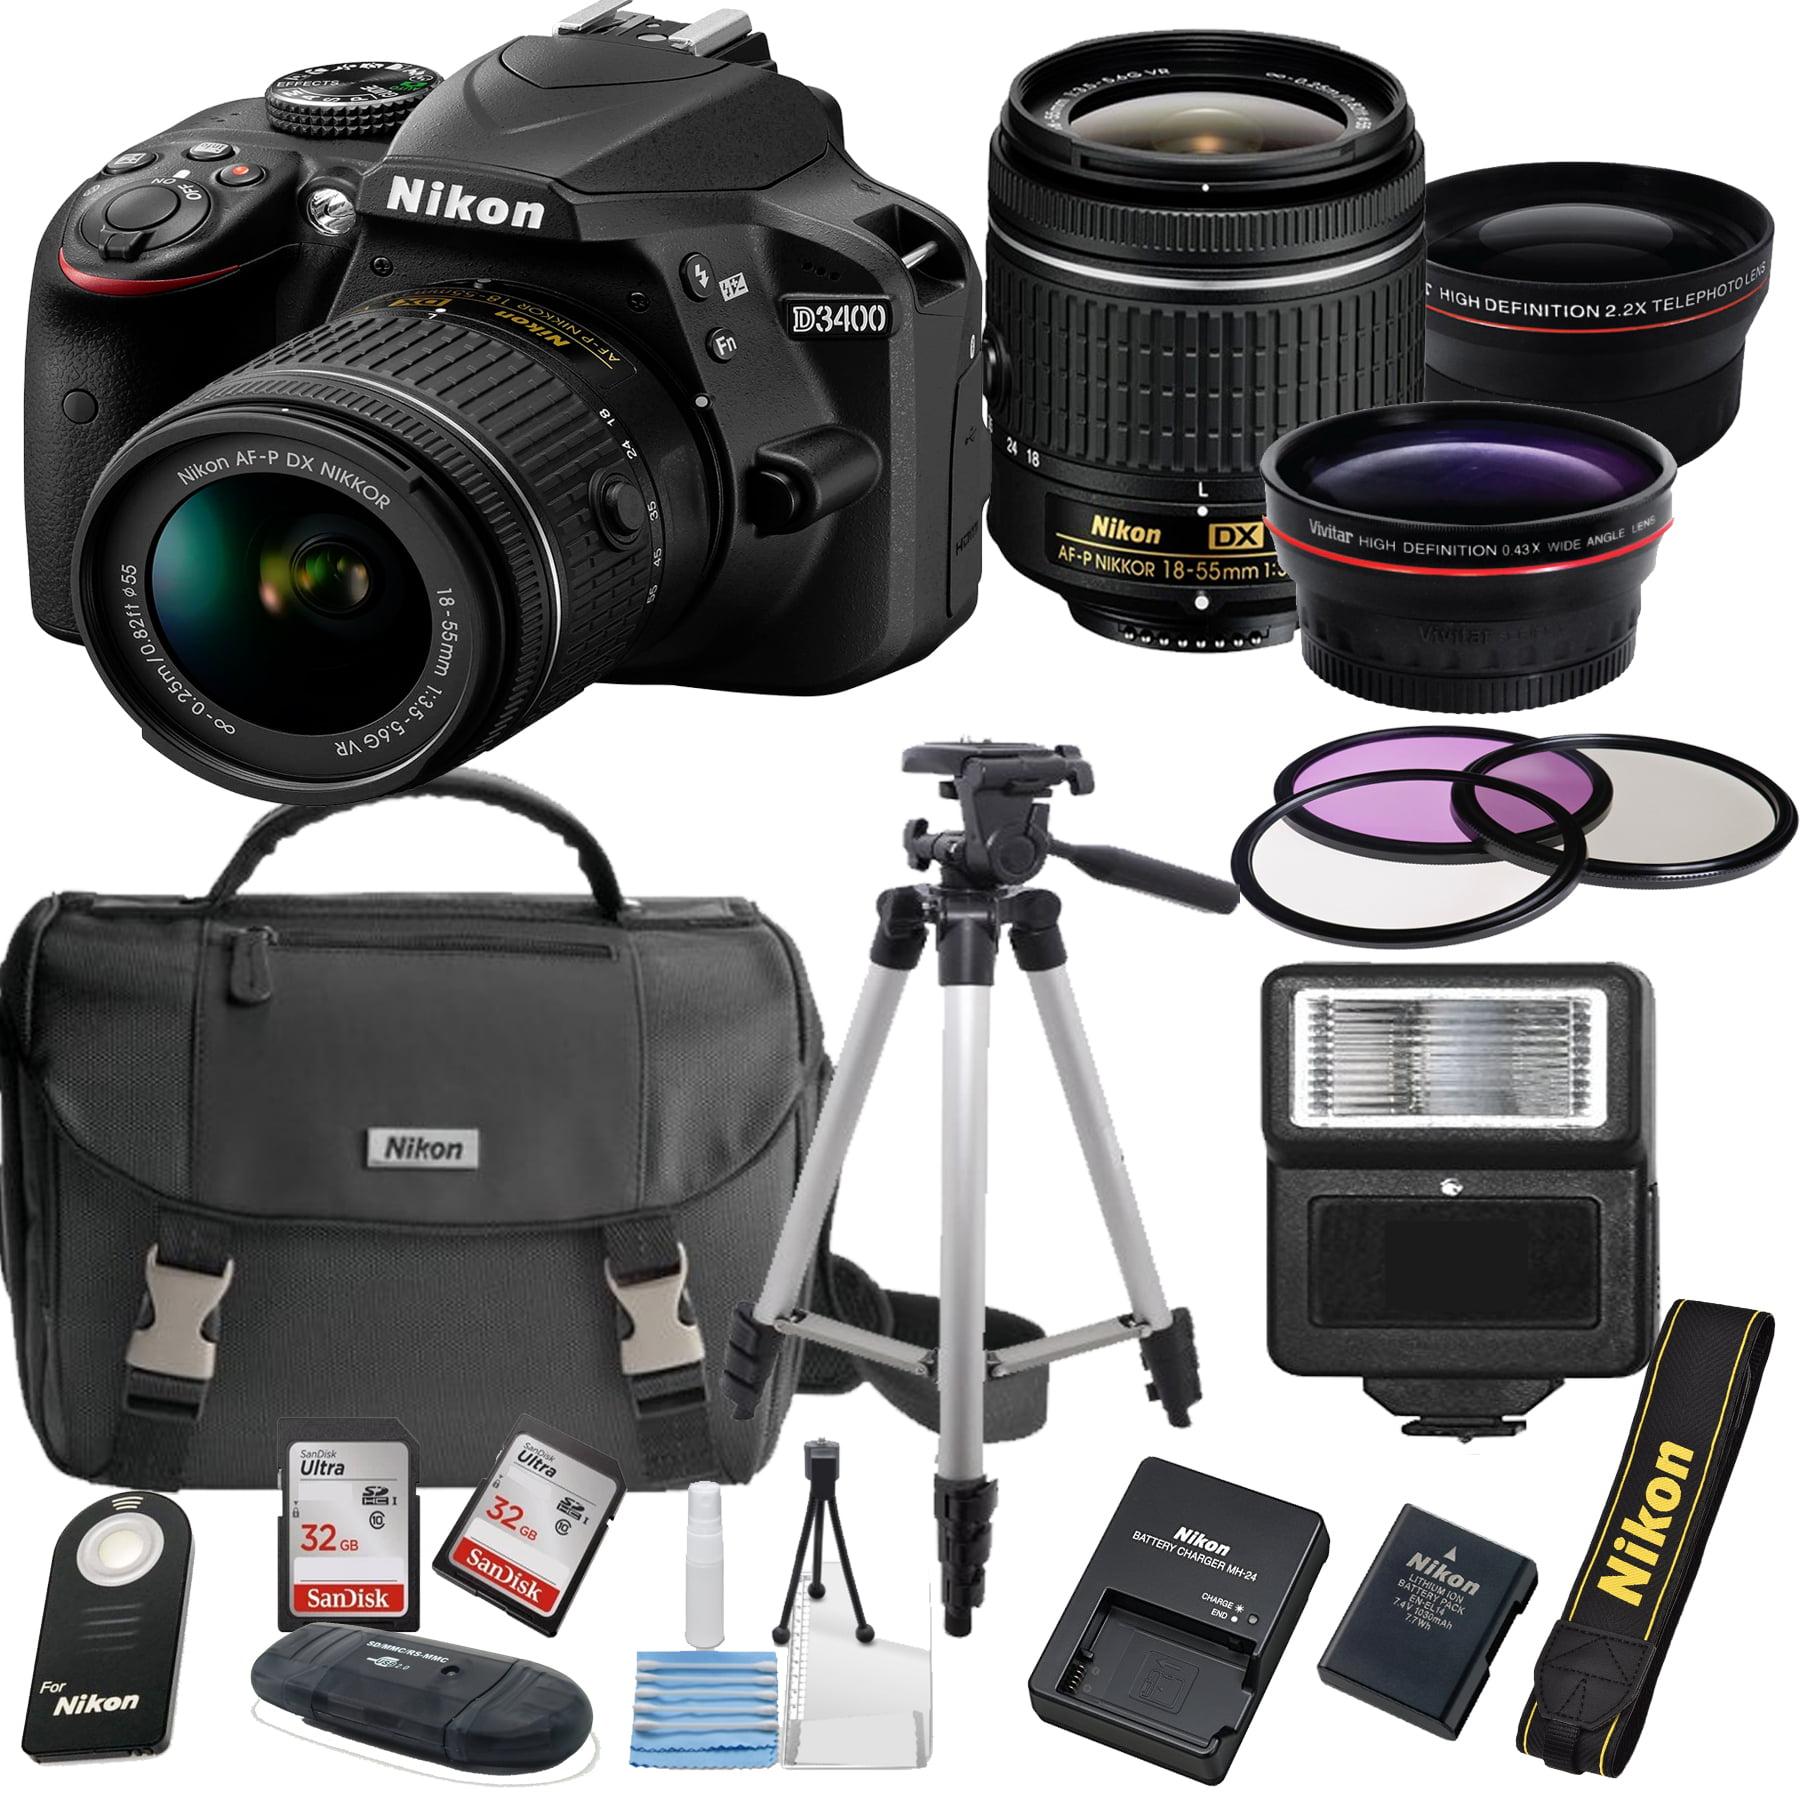 Nikon D3400 24.2 MP DSLR Camera + 18-55mm VR Lens Kit + Accessory Bundle + 2